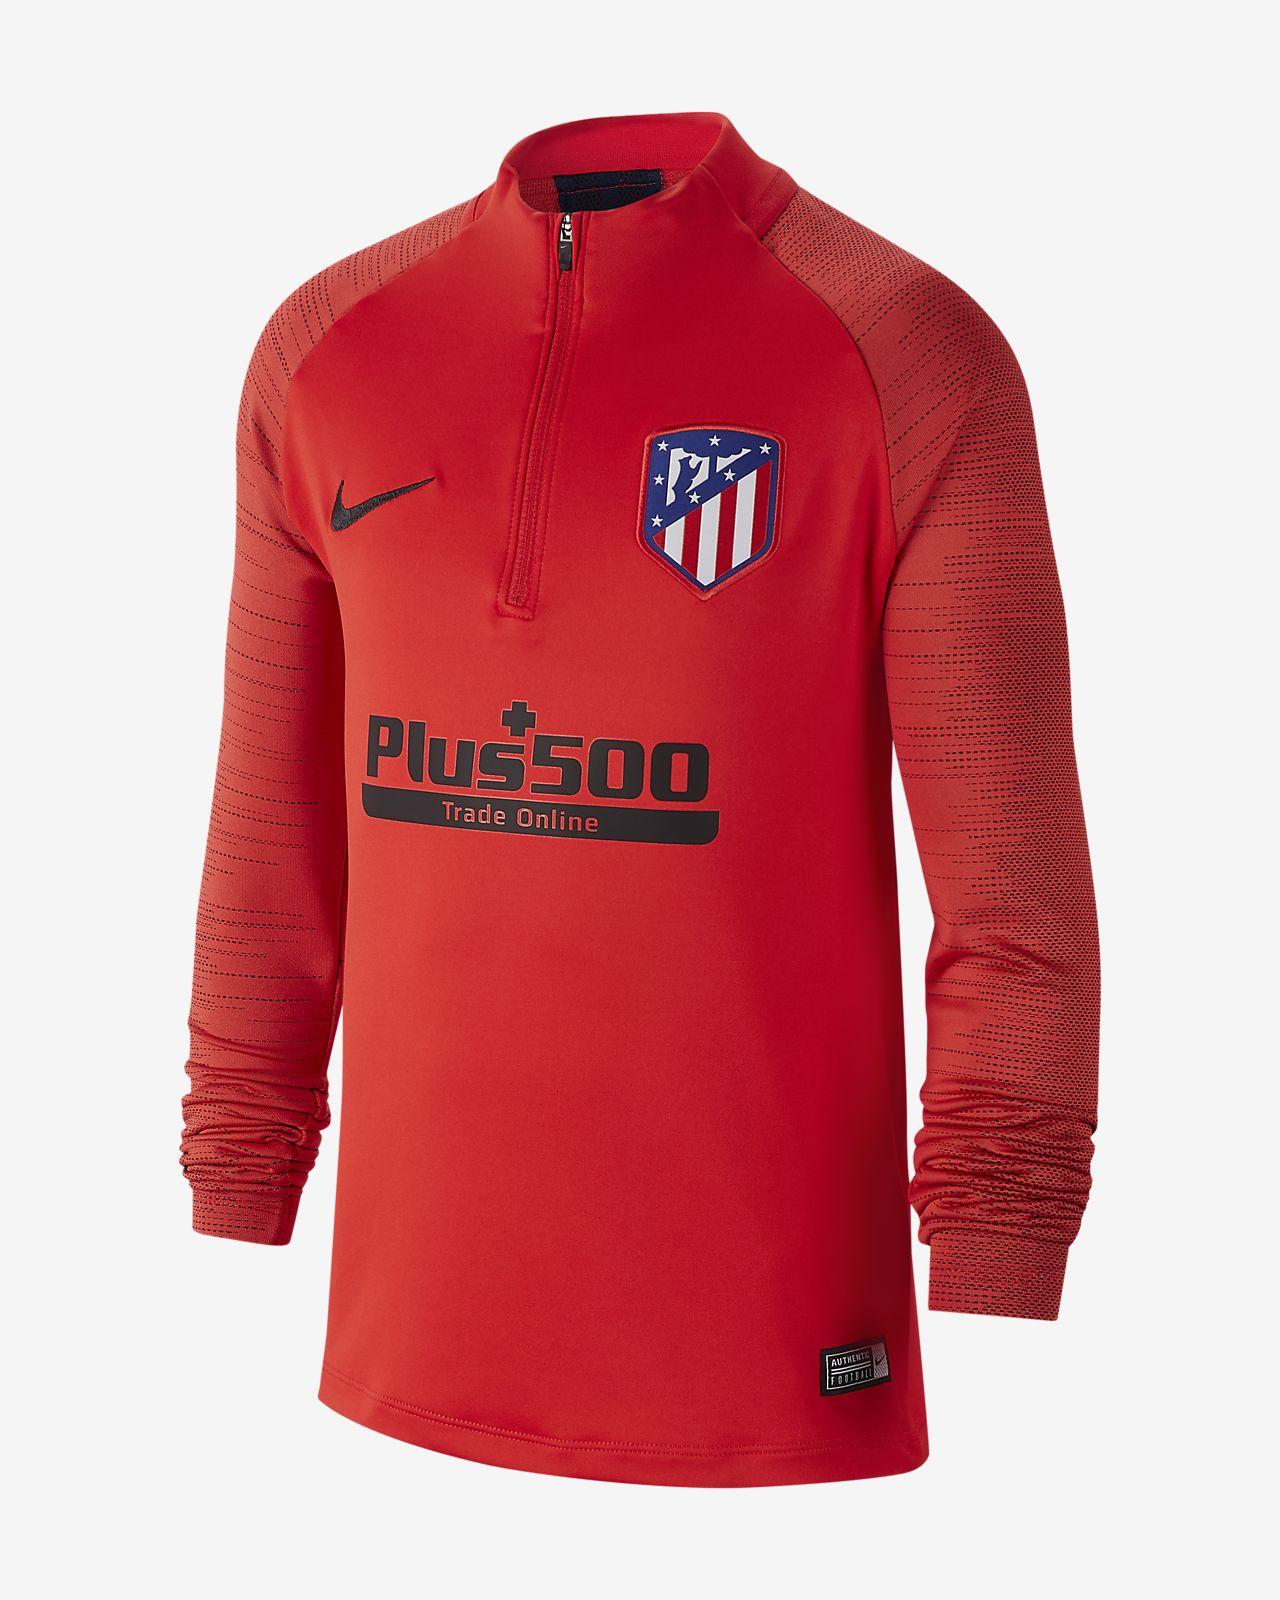 Ποδοσφαιρική μπλούζα προπόνησης Atlético de Madrid Strike για μεγάλα παιδιά